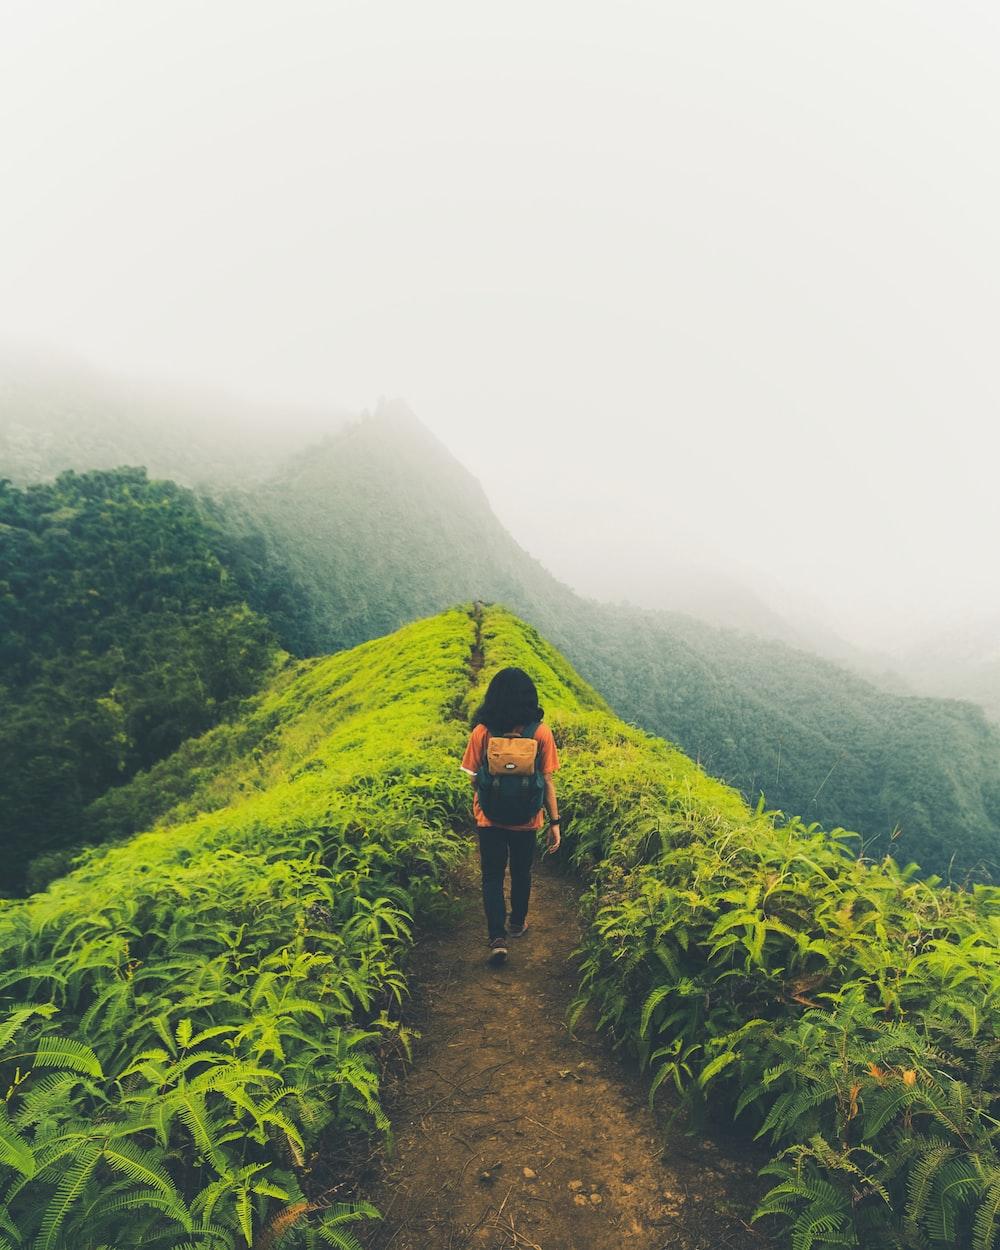 woman walking on mountain pathway